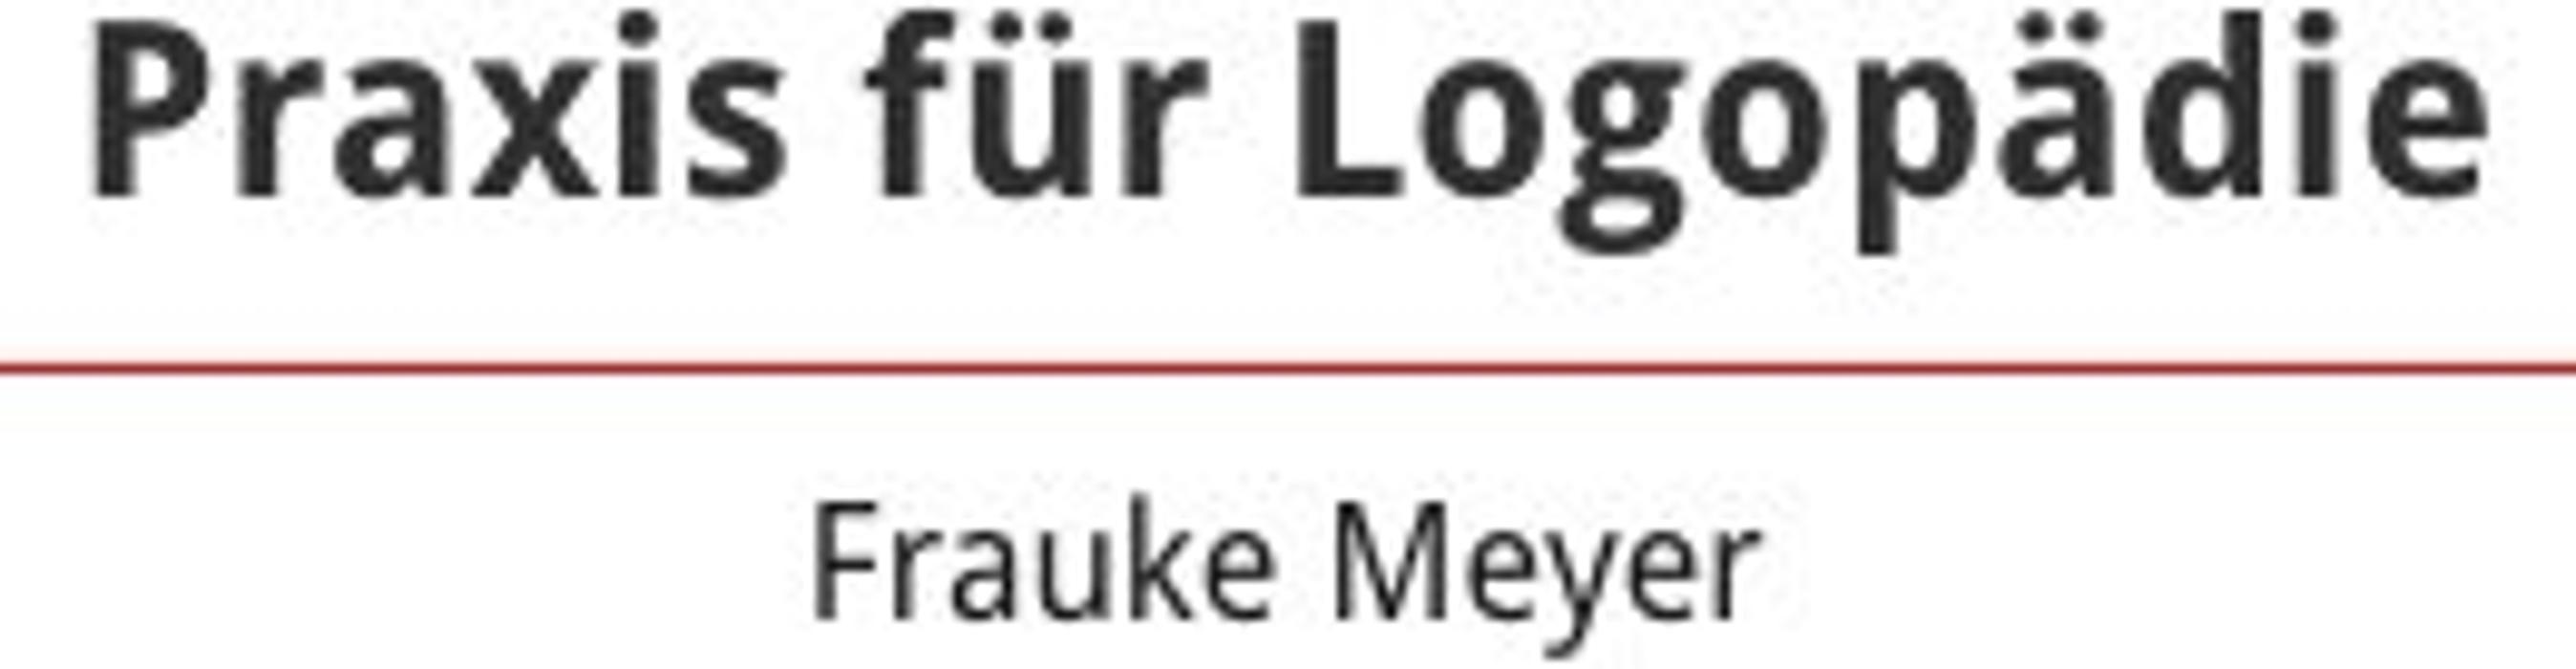 Bild zu Praxis für Logopädie Frauke Meyer in Heidelberg